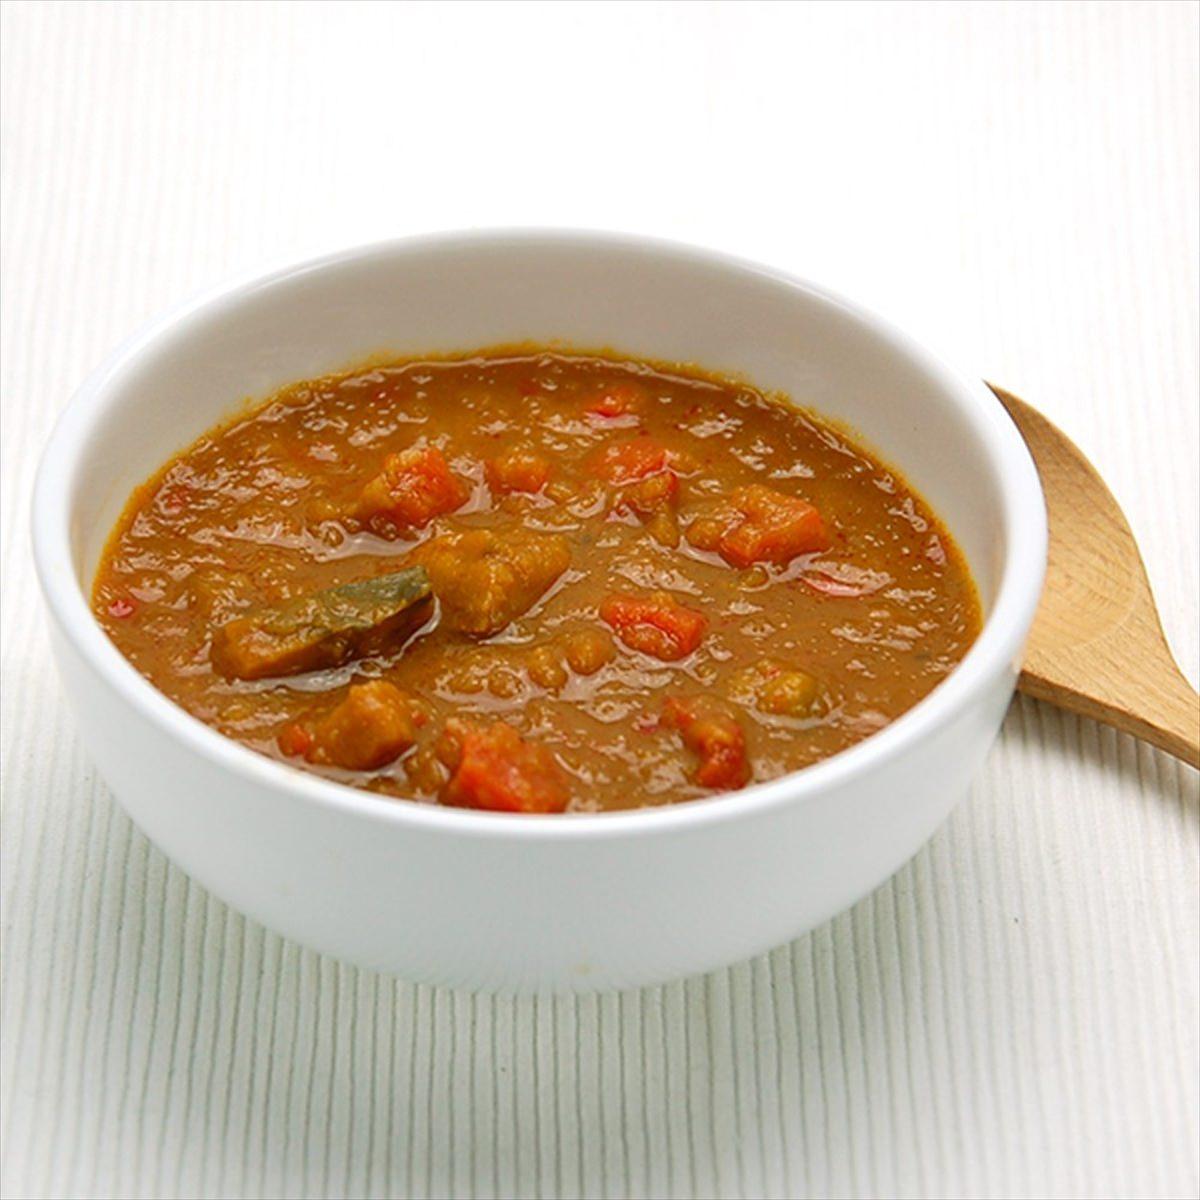 野菜カレーマイルド 8つの野菜でやさしい甘さ 5個 〔200g×5〕 東京都 無添加 レトルトカレー チャヤ マクロビオティックス